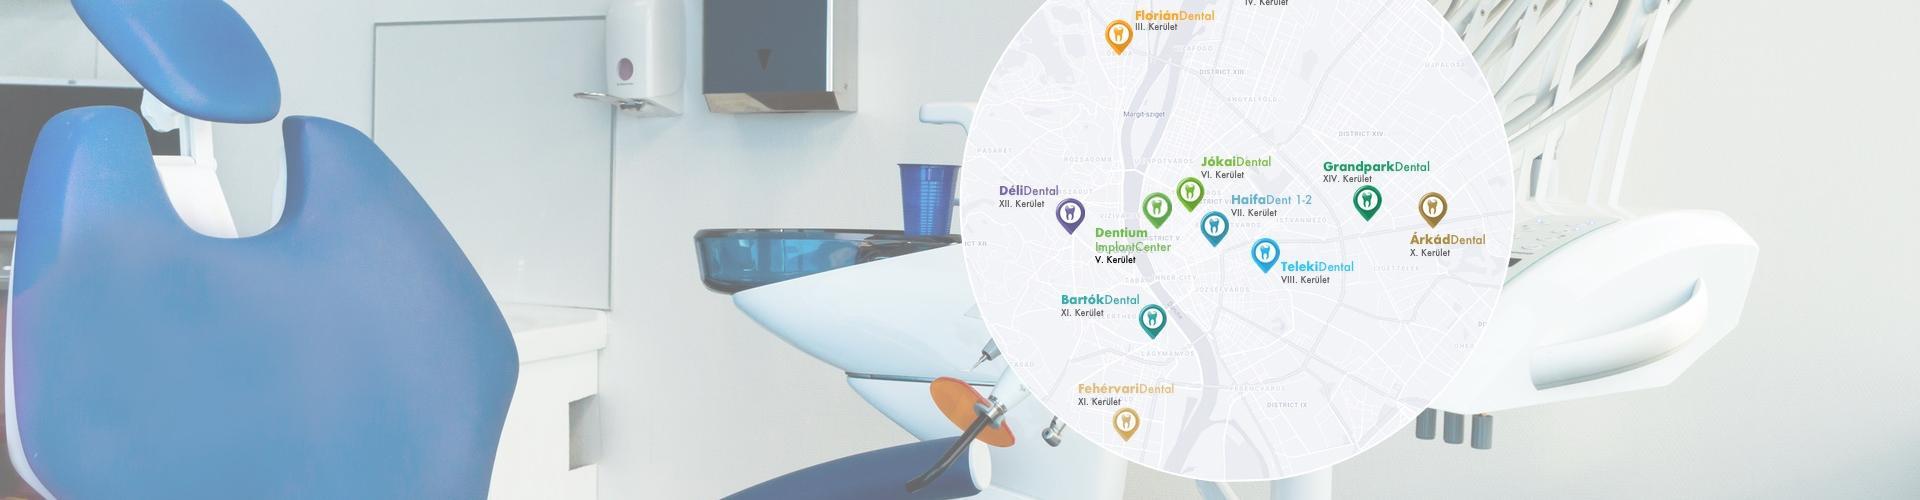 Dental Network Budapesti fogászatok